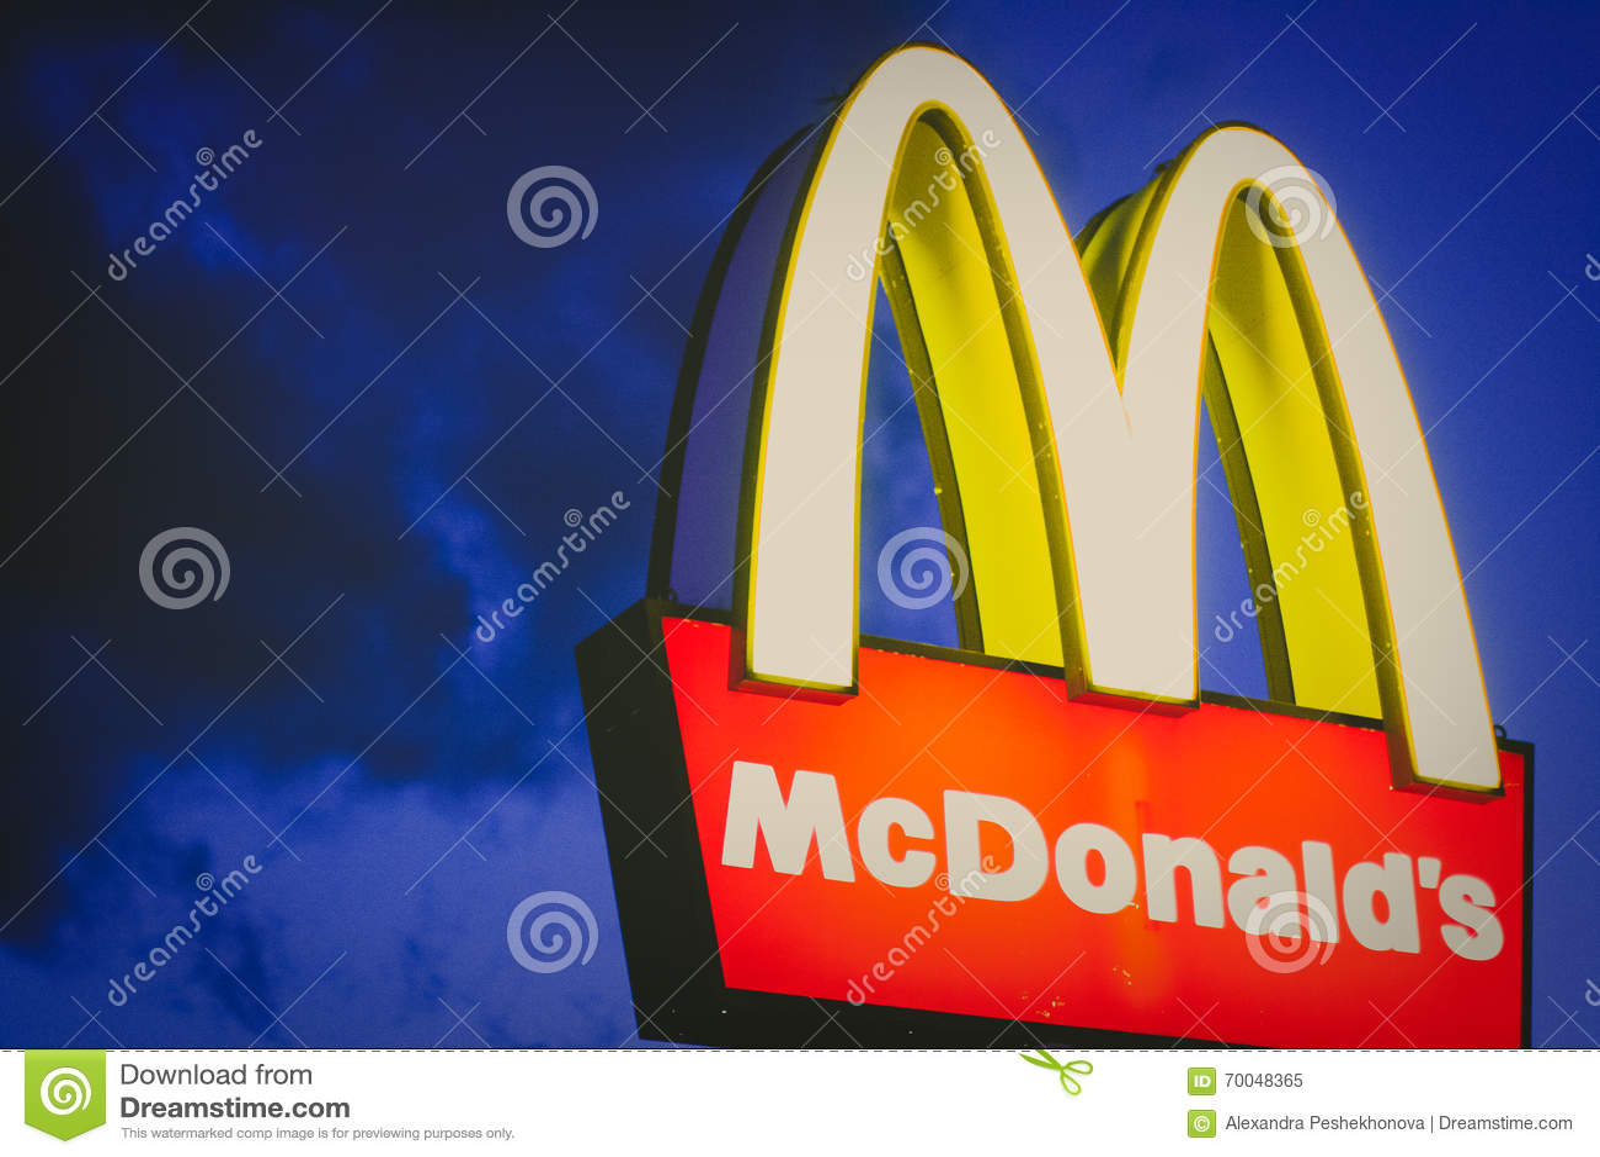 mcdonalds background